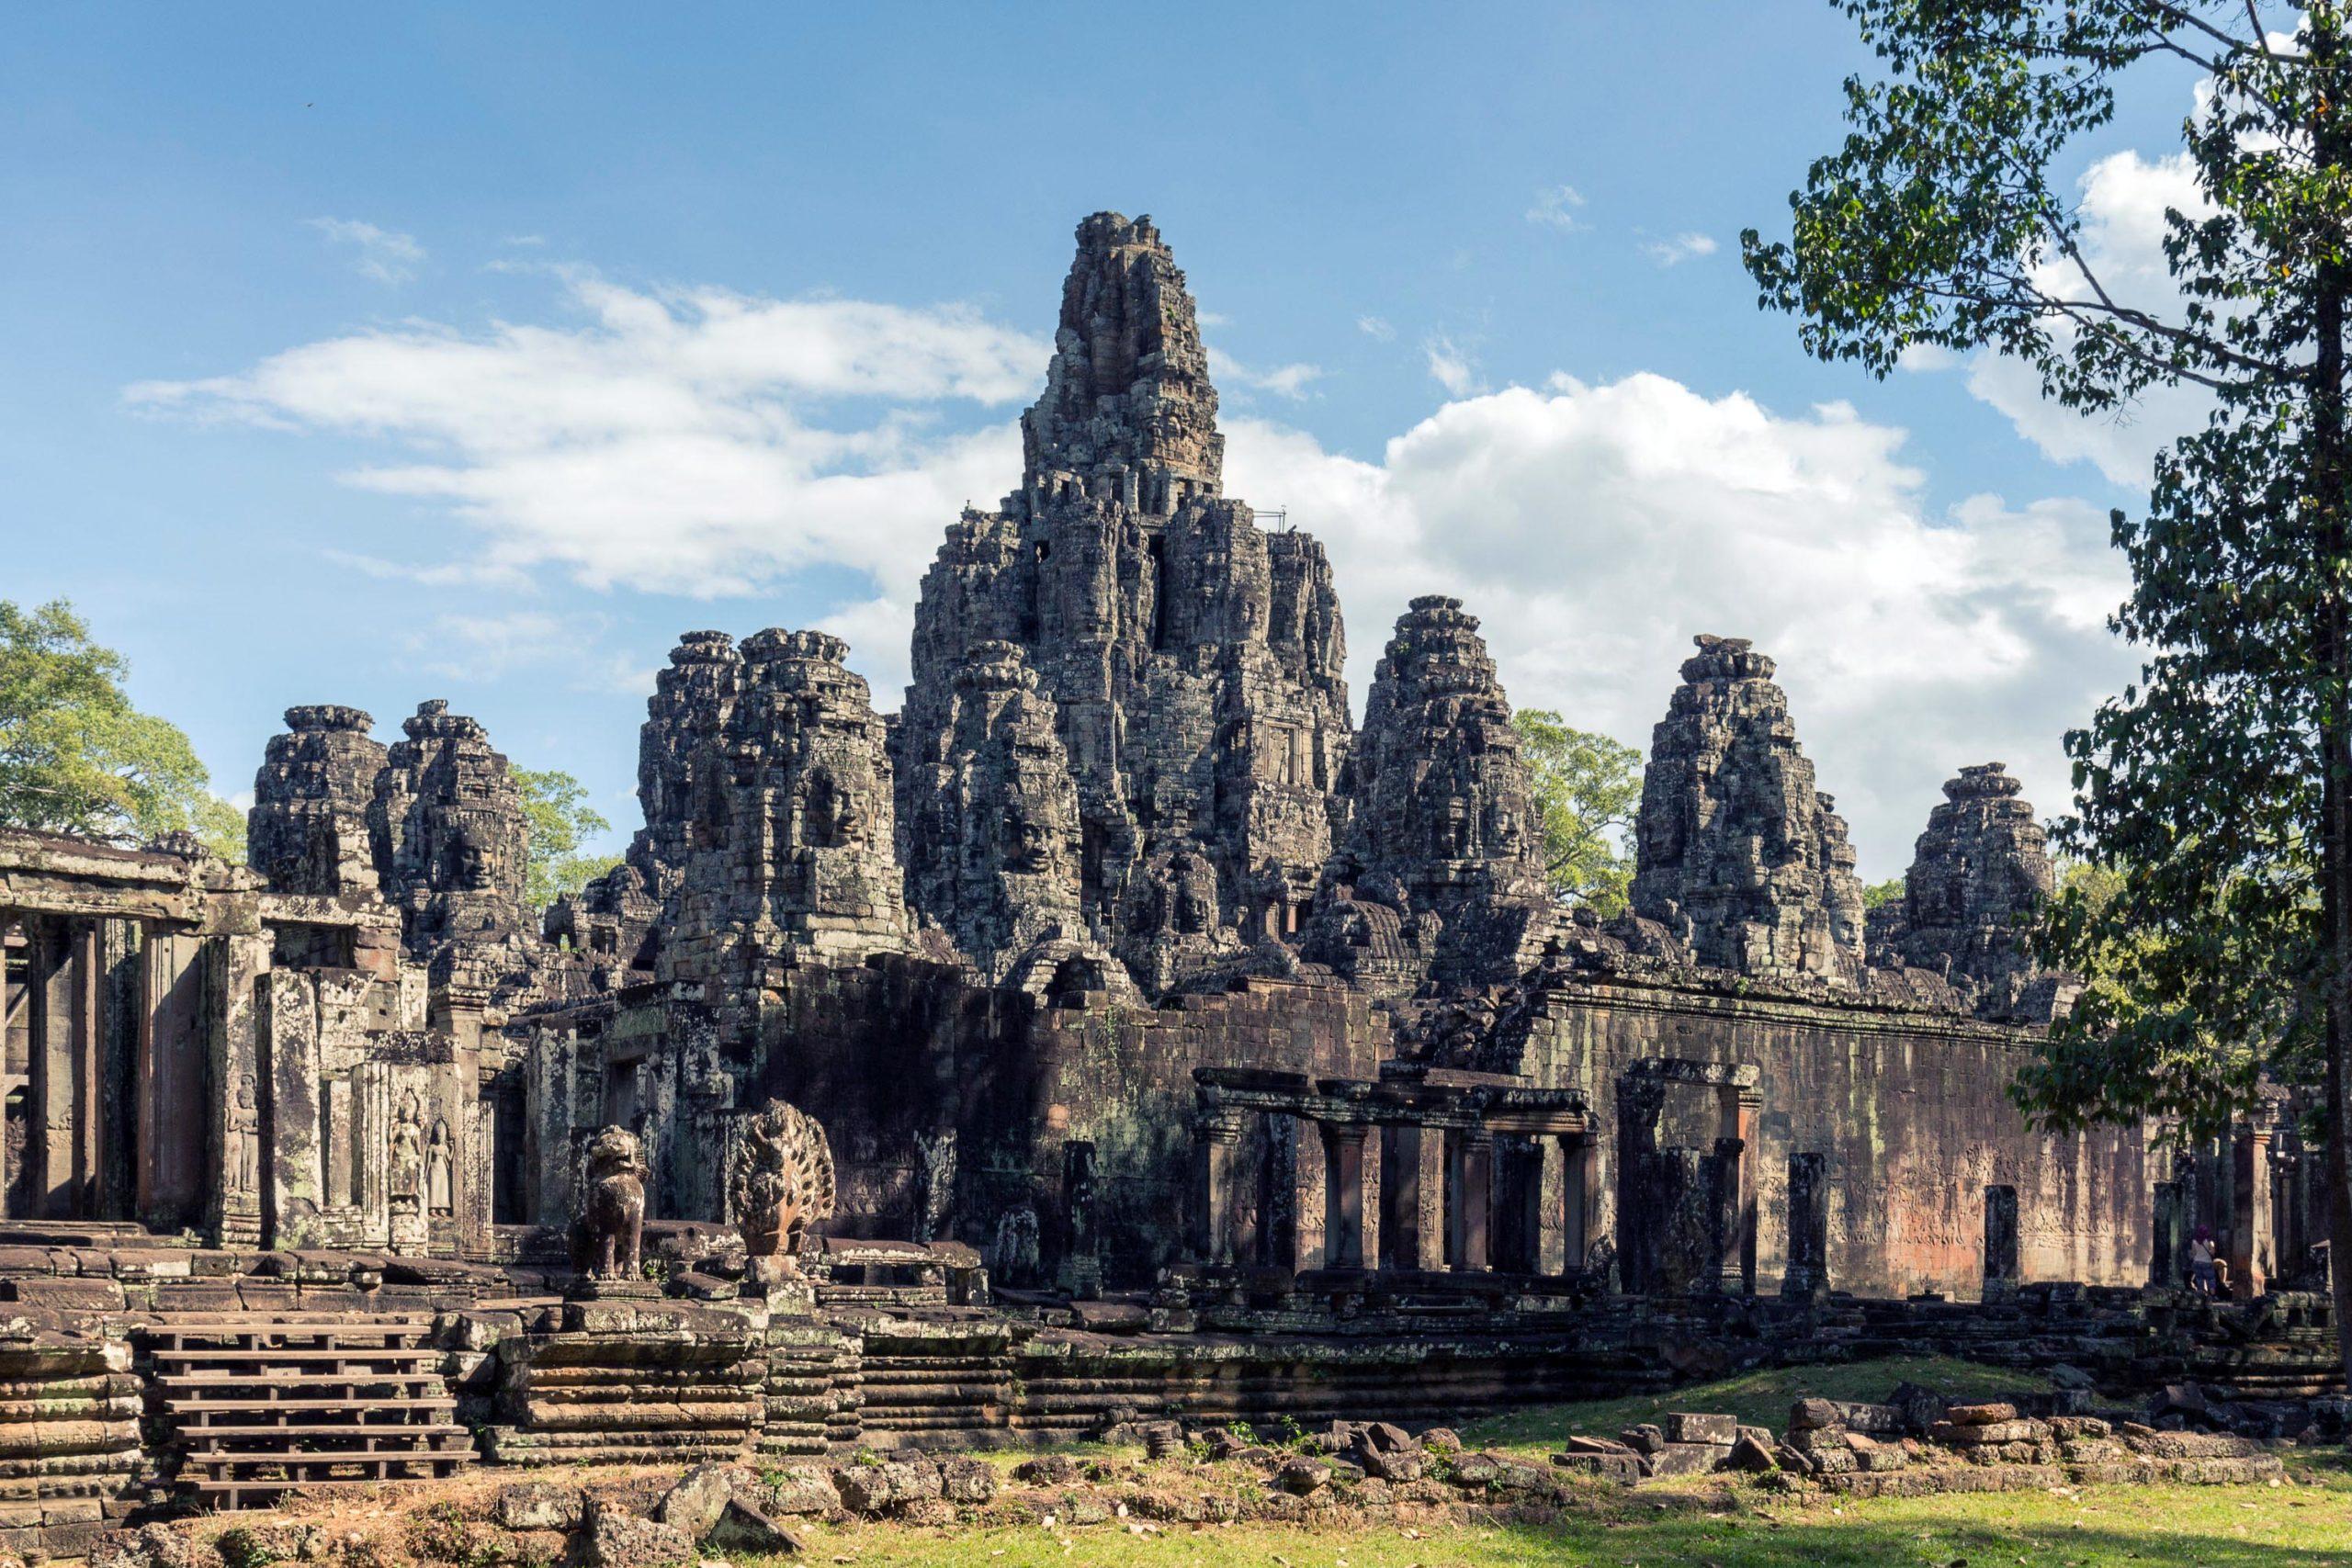 Bayon, the most notable temple at Angkor Thom (photo: Dmitry A. Mottl, CC BY-SA 4.0)